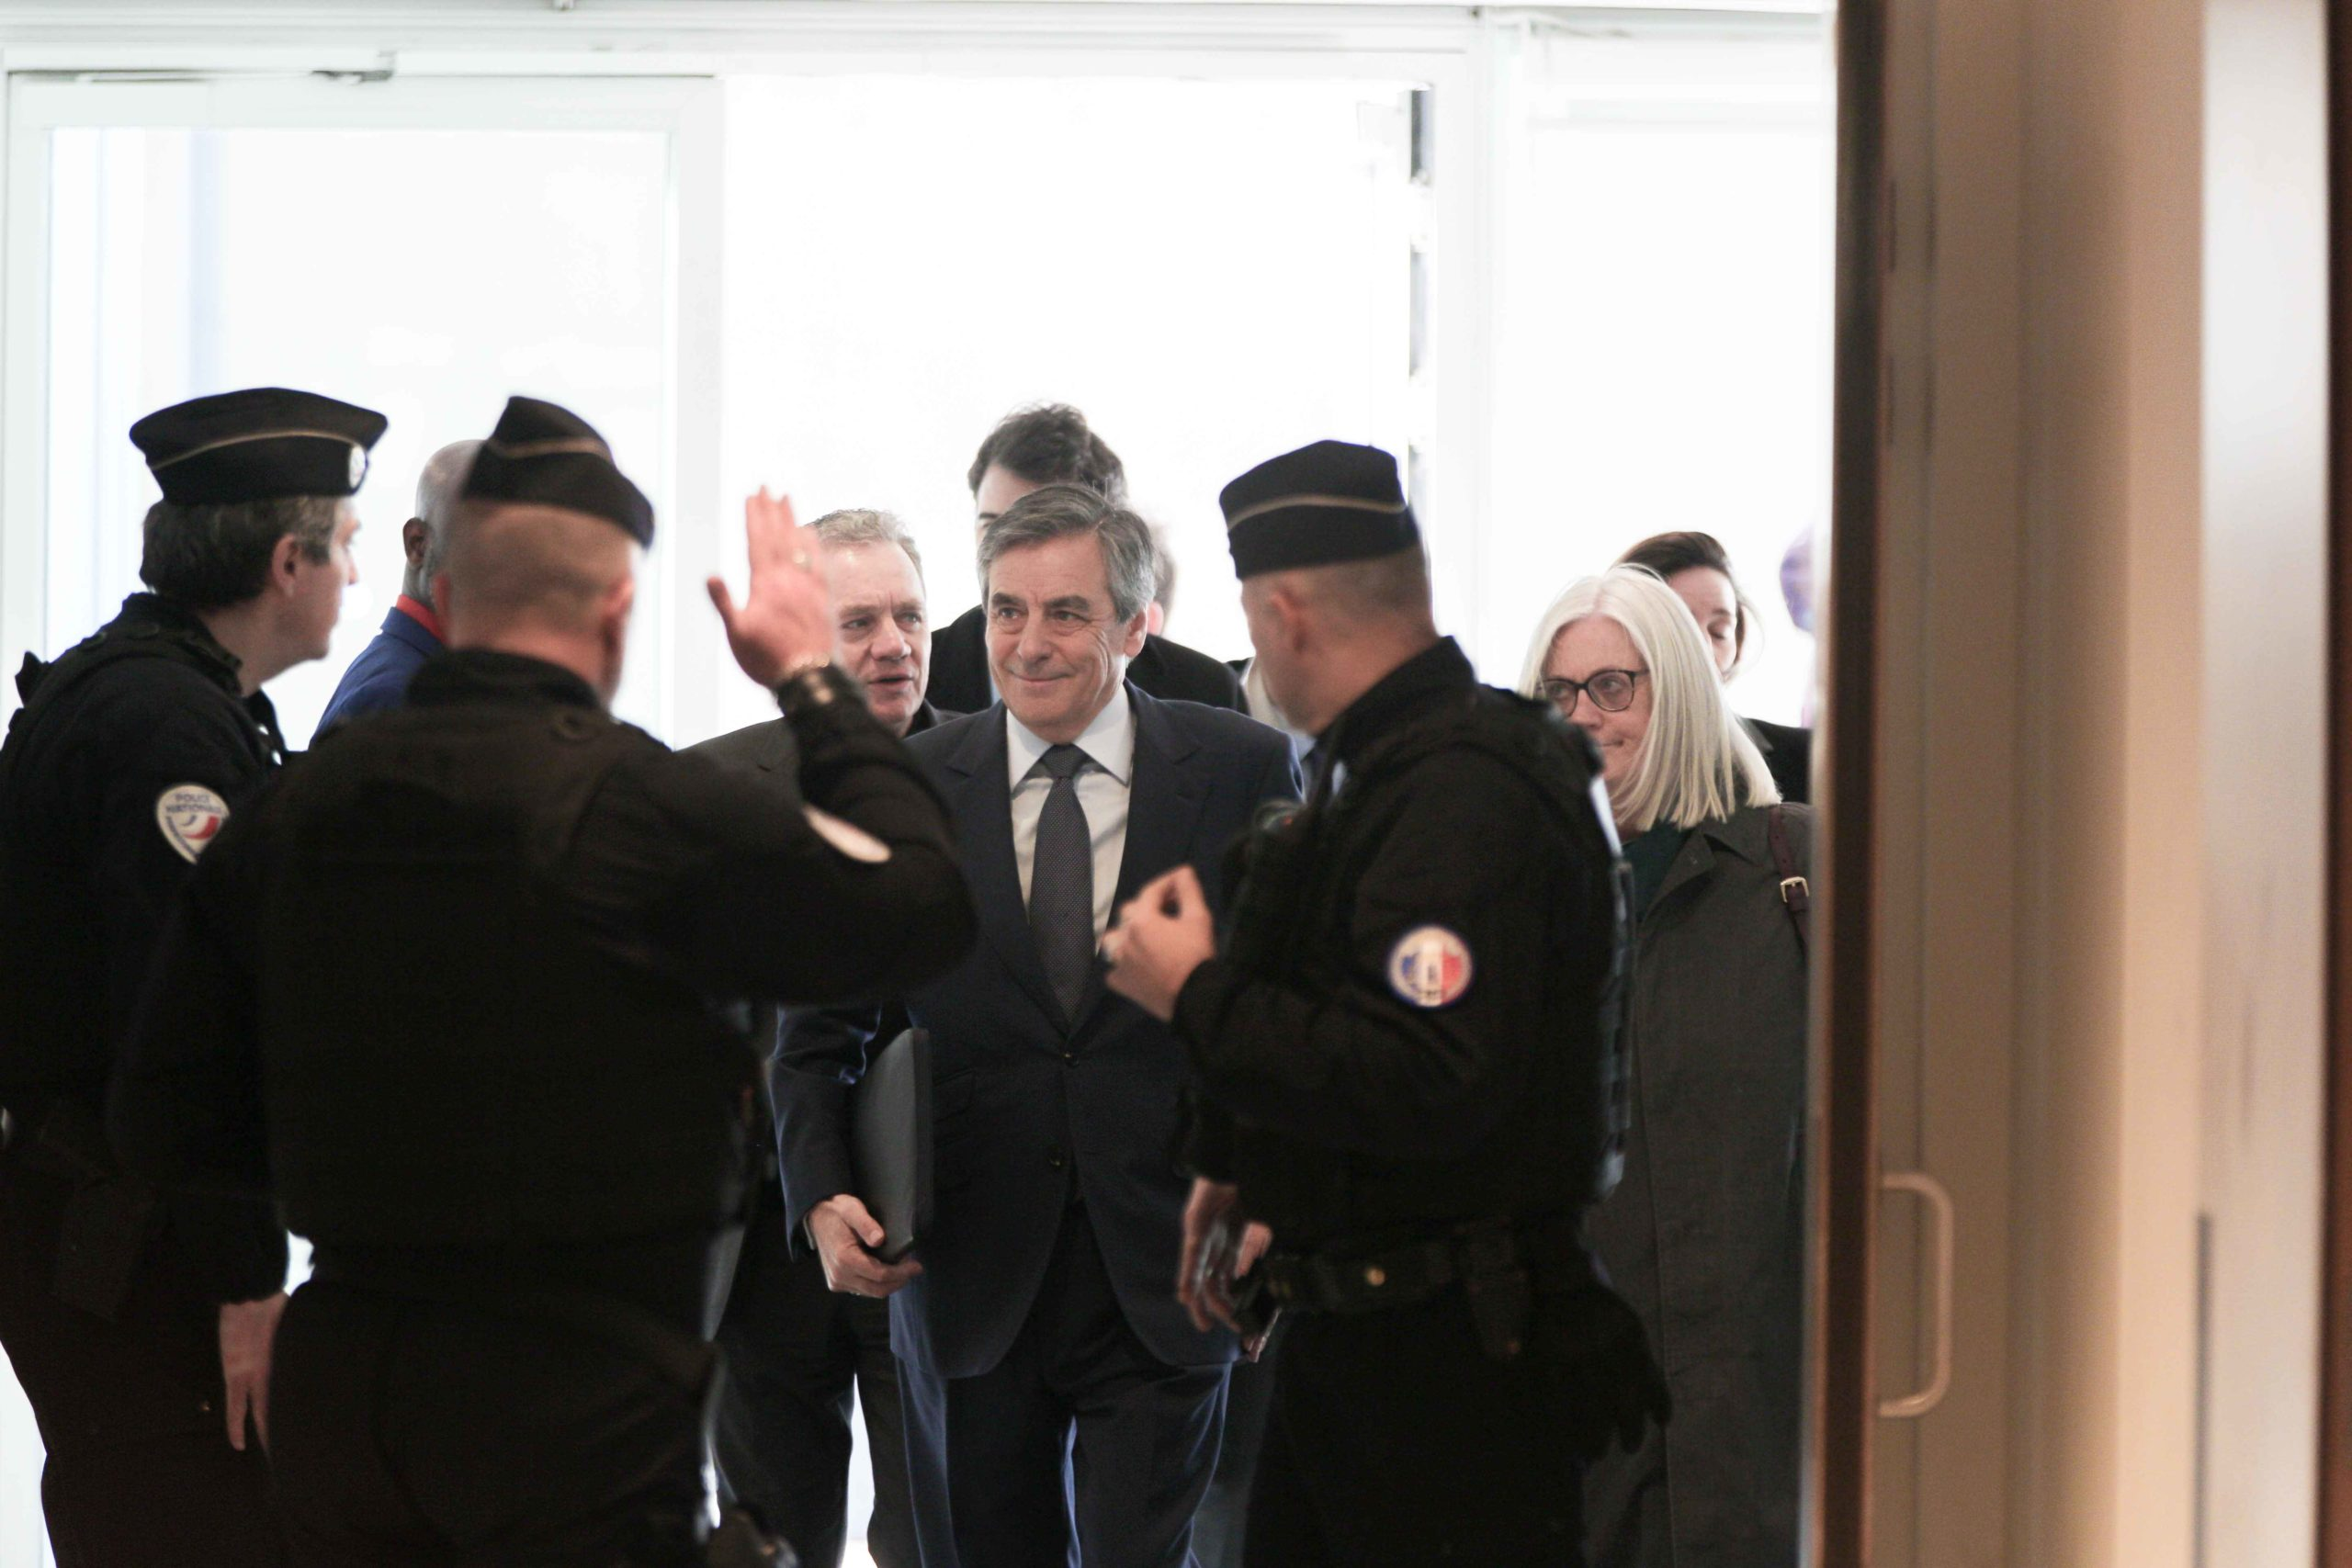 François et Pénélope Fillon arrivent au tribunal. © Michel Stoupak. Mer 26.02.2020, 13:11:16.